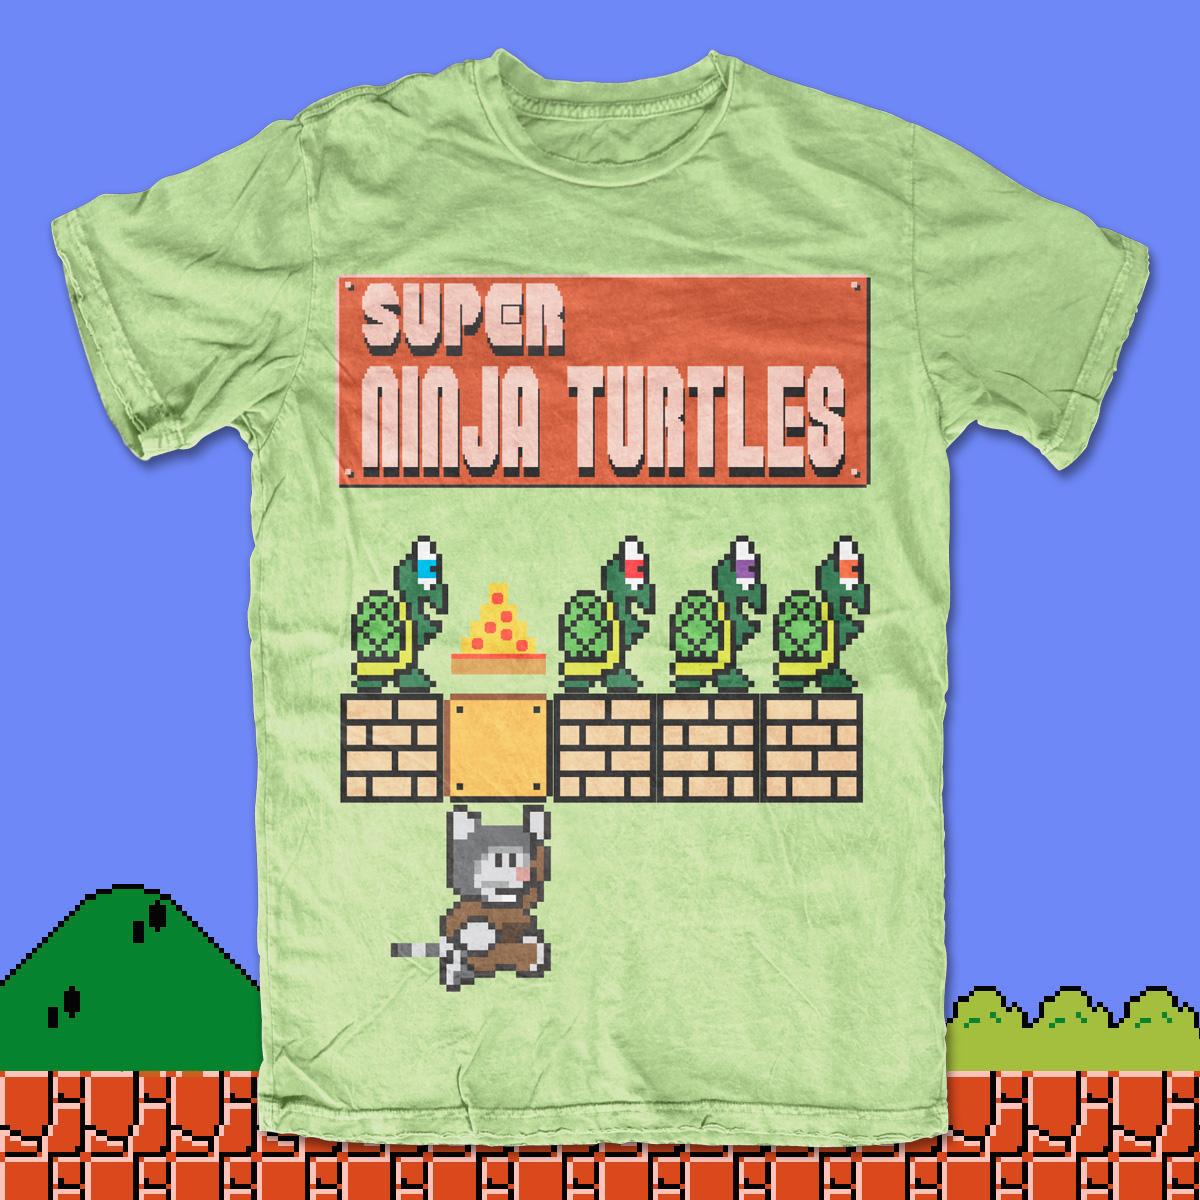 Super Ninja Turtle by mikmik2k4 on Threadless